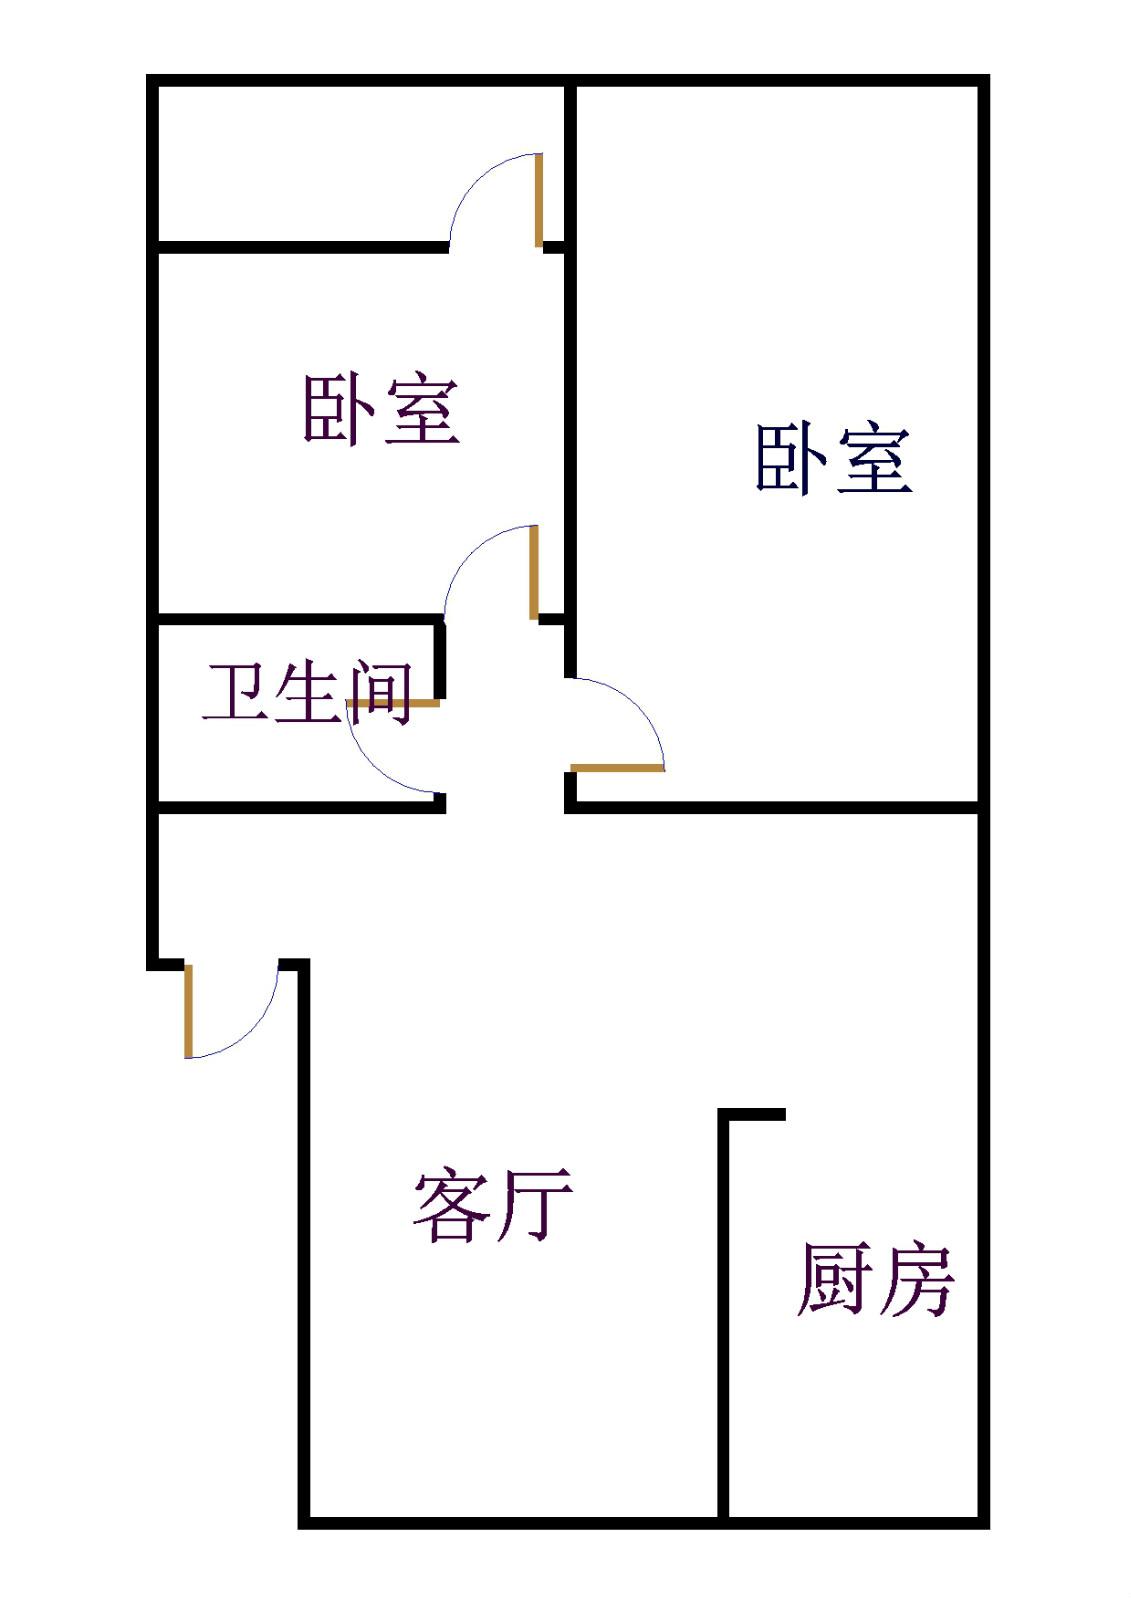 吉祥苑 2室2厅 2楼